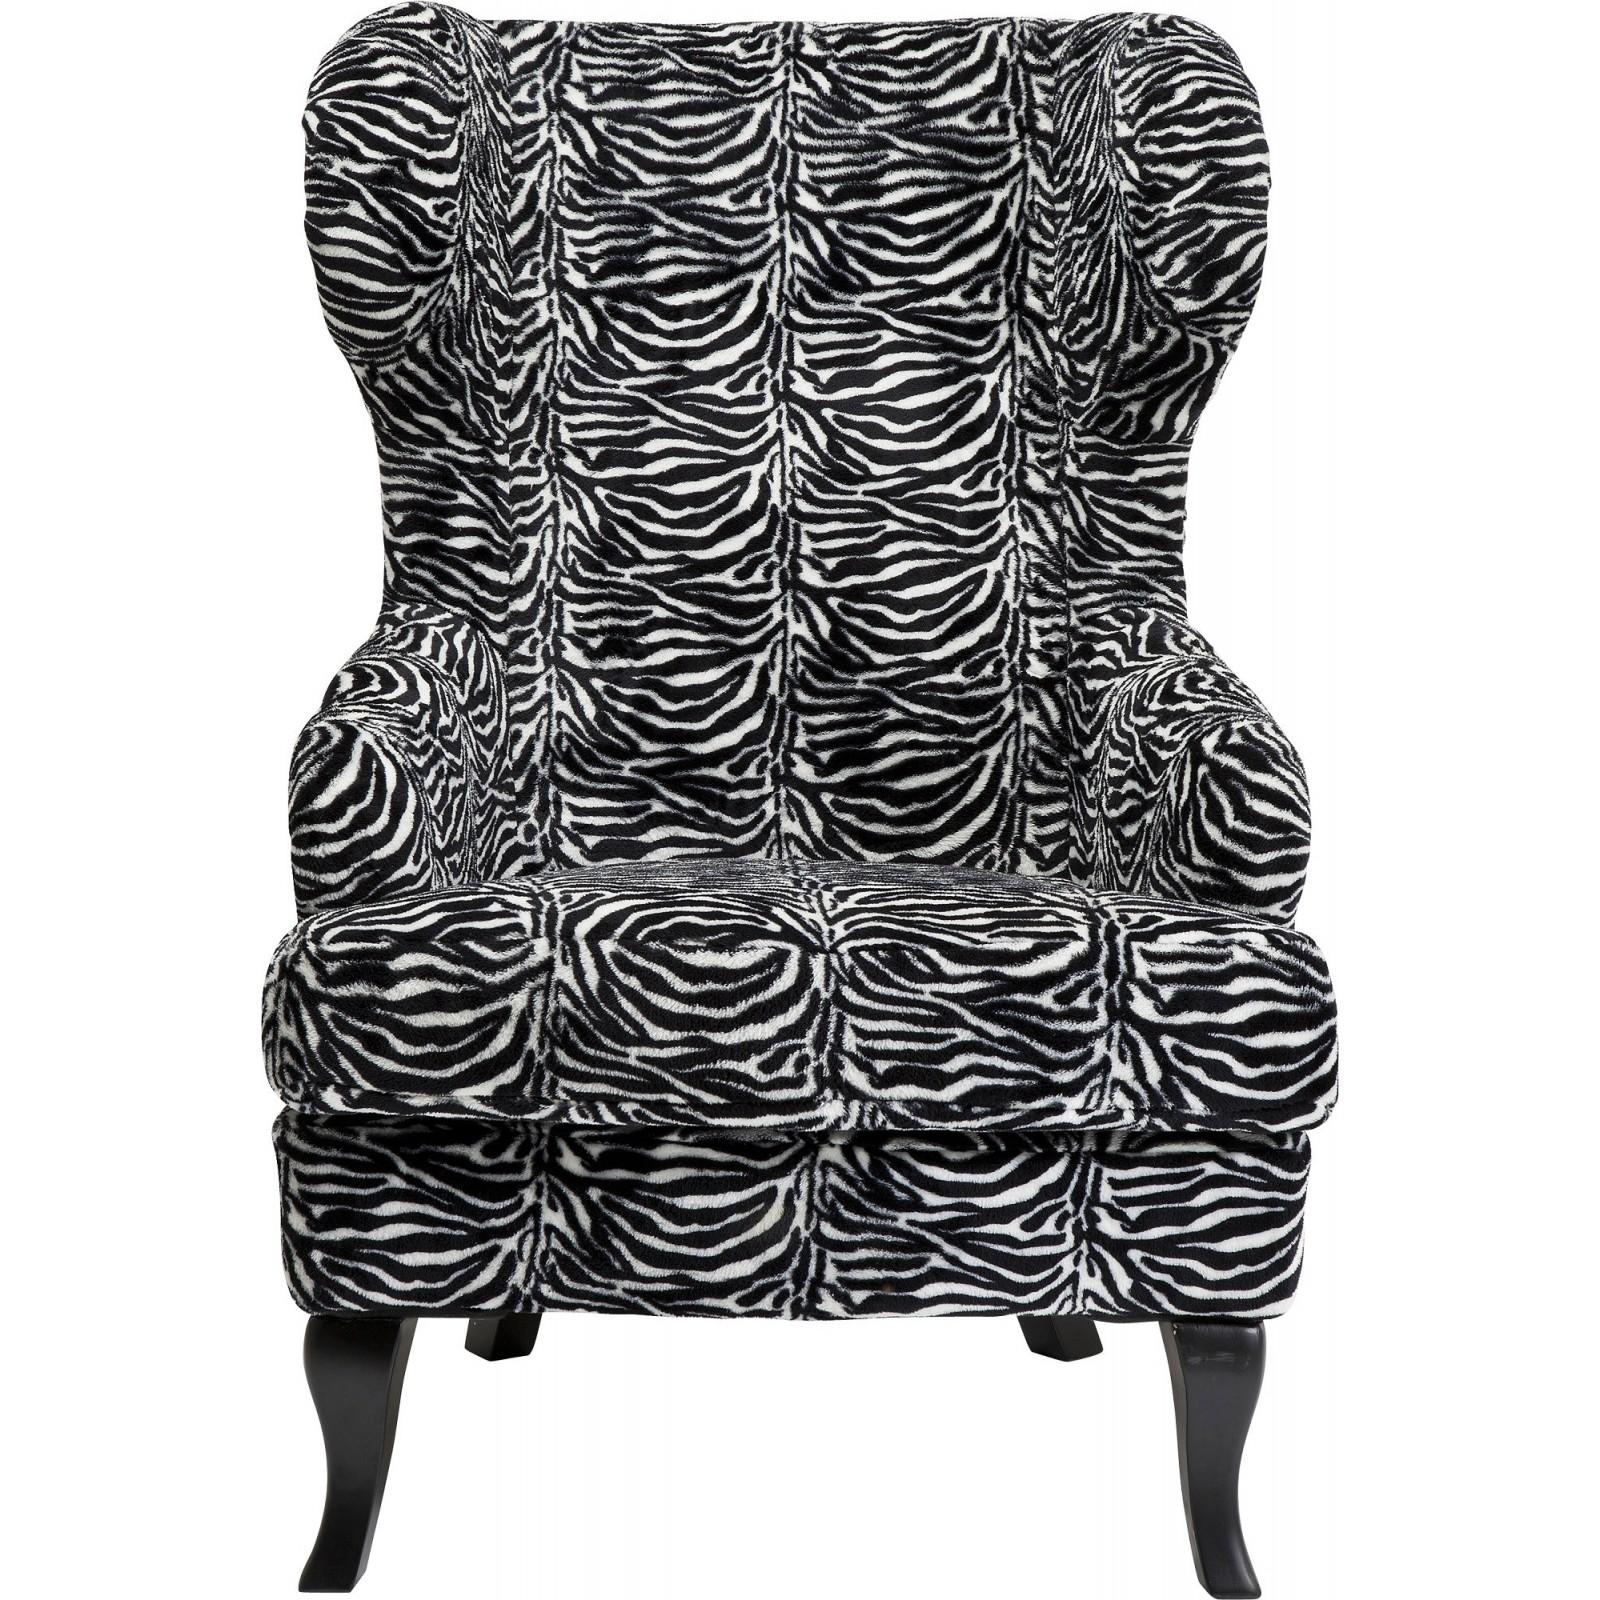 Fauteuil noir et blanc zébré, Kare Design